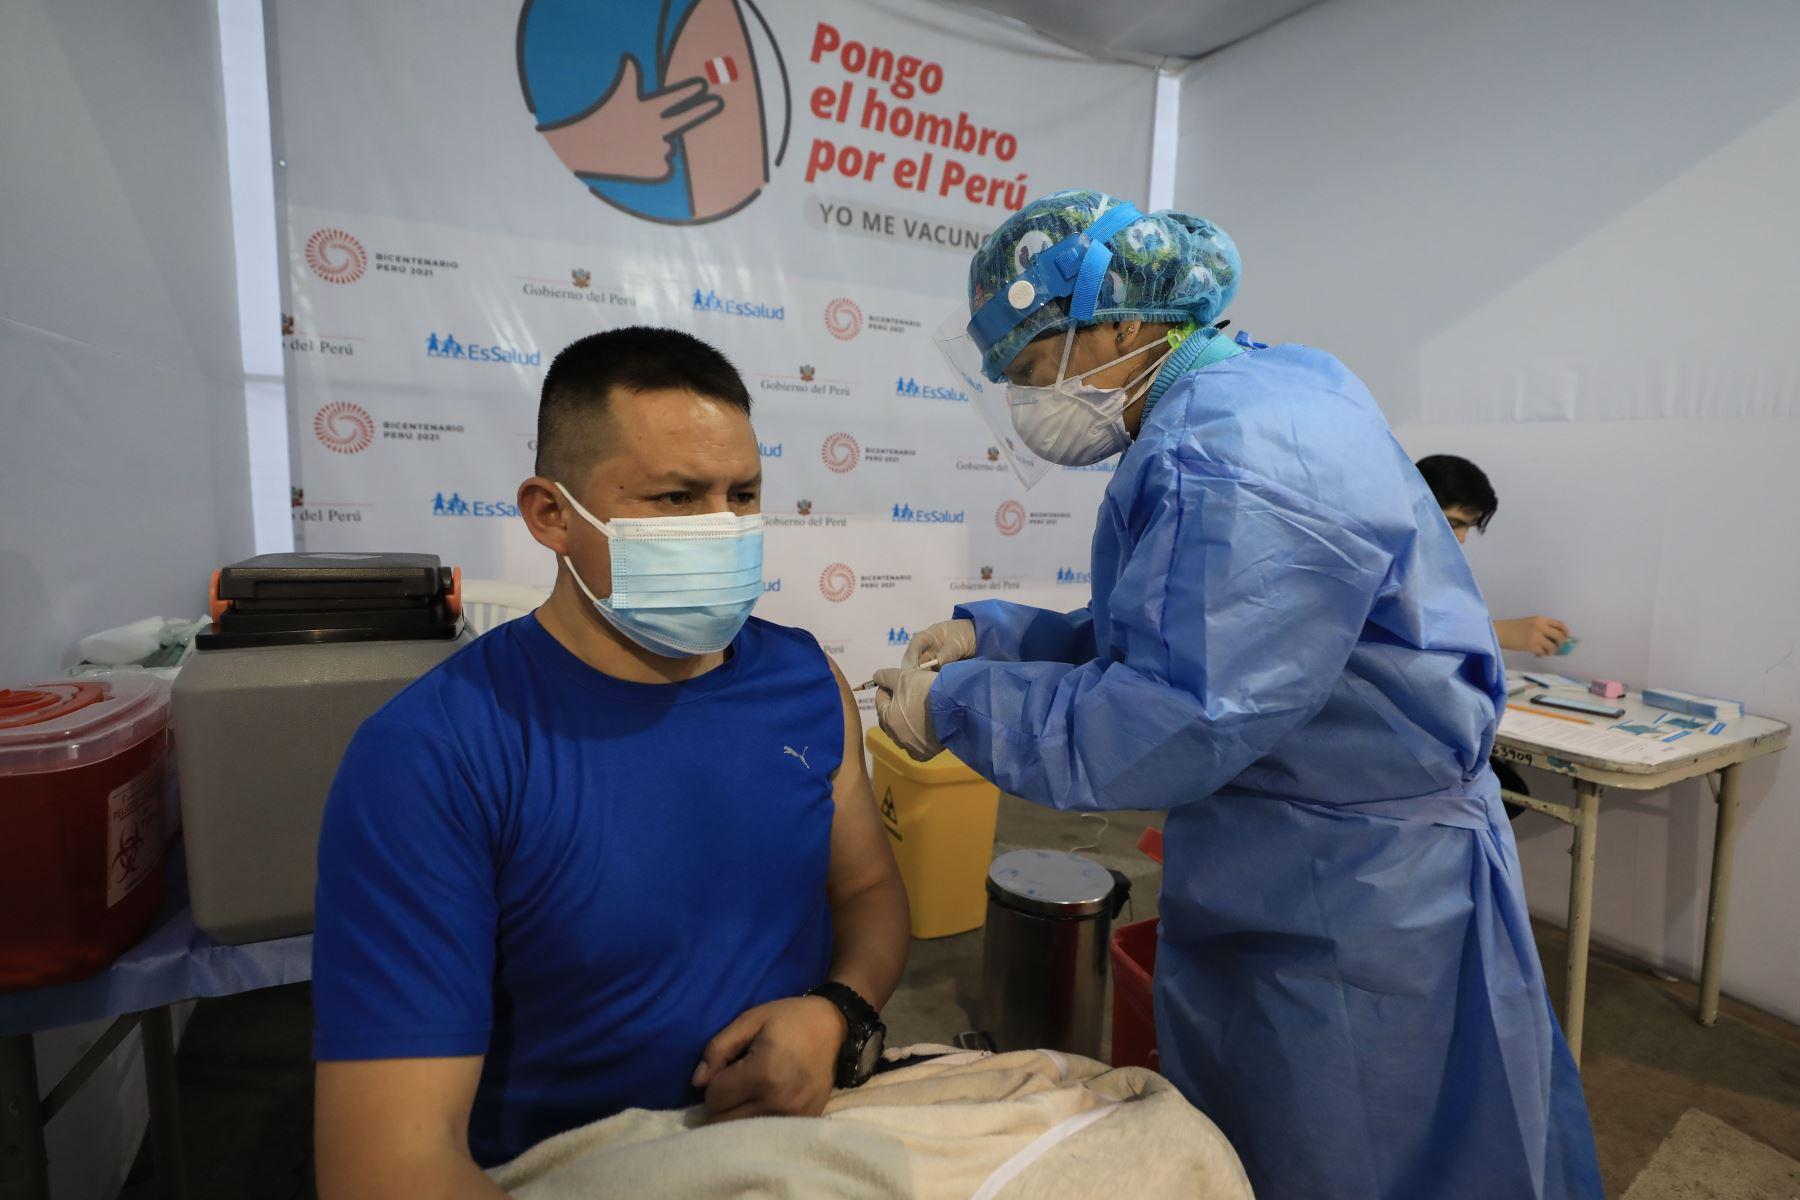 Campaña de vacunación contra la covid-19. Foto: ANDINA/Difusión.